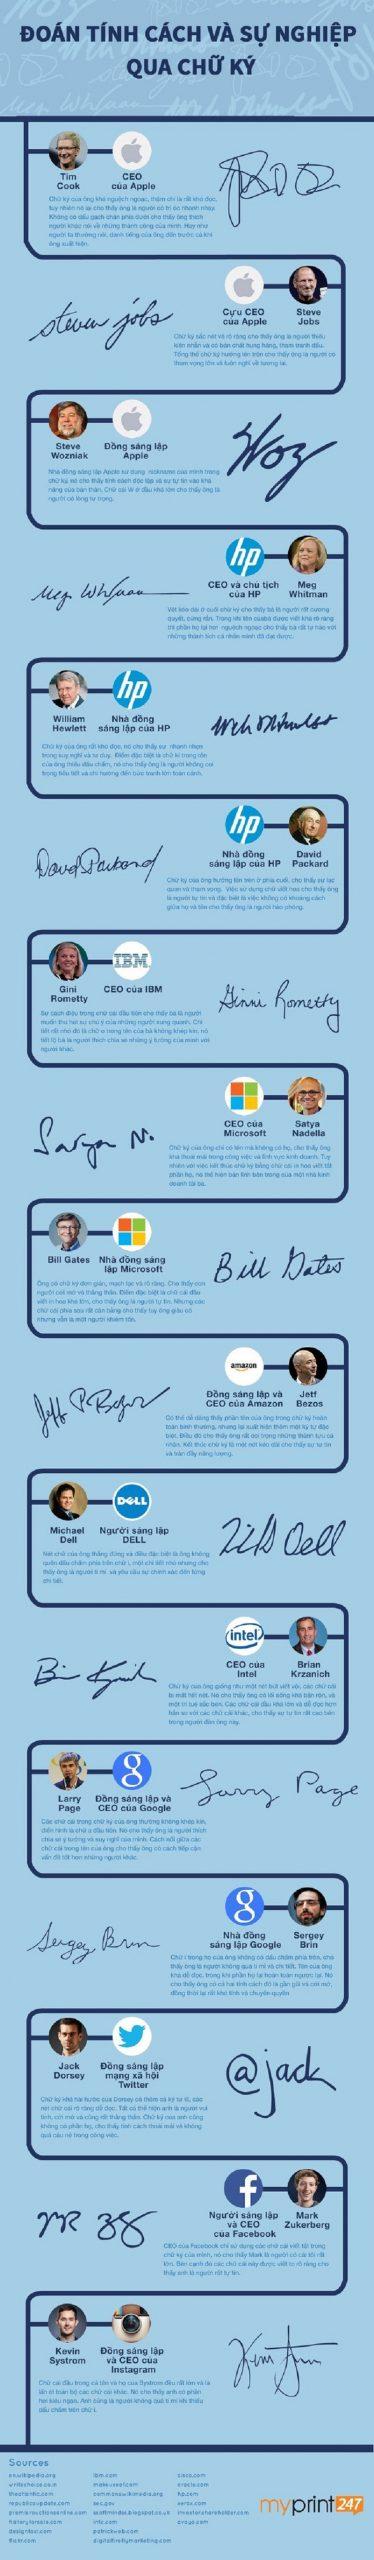 Tham khảo nhận định các chữ ký của người nổi tiếng